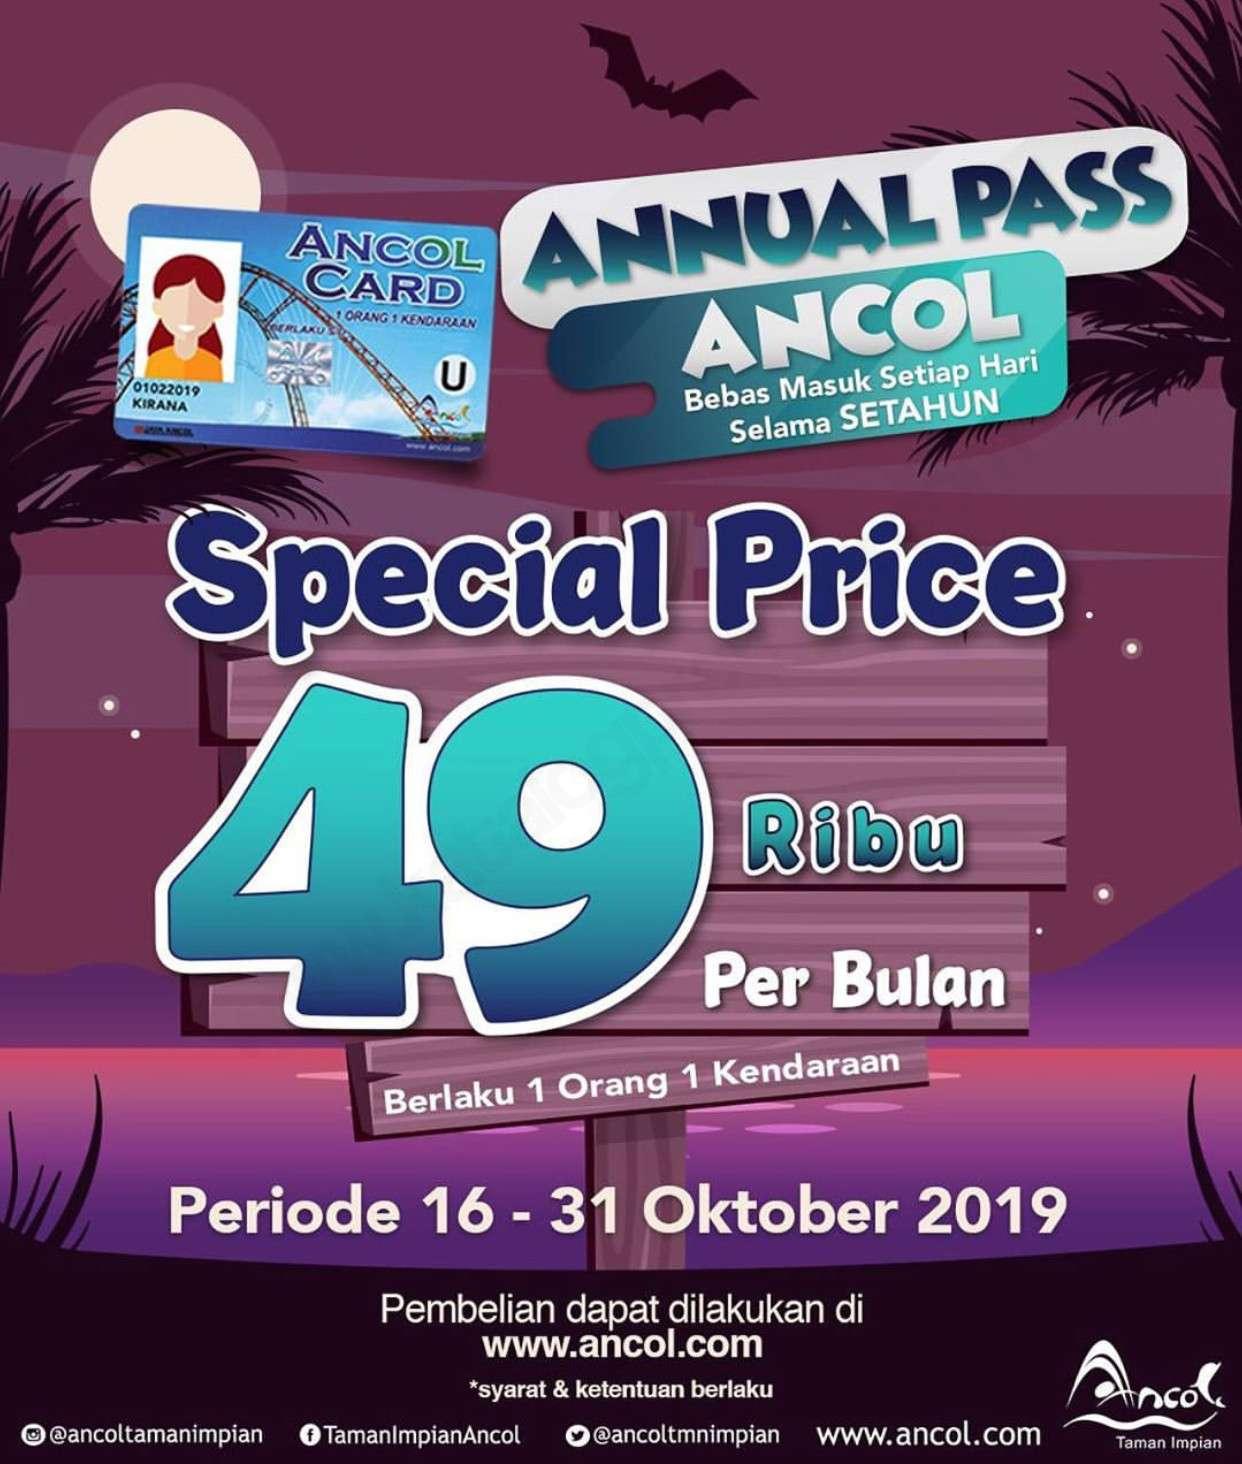 Ancol Taman Impian Promo Annual Pass hanya 49.000/bulan